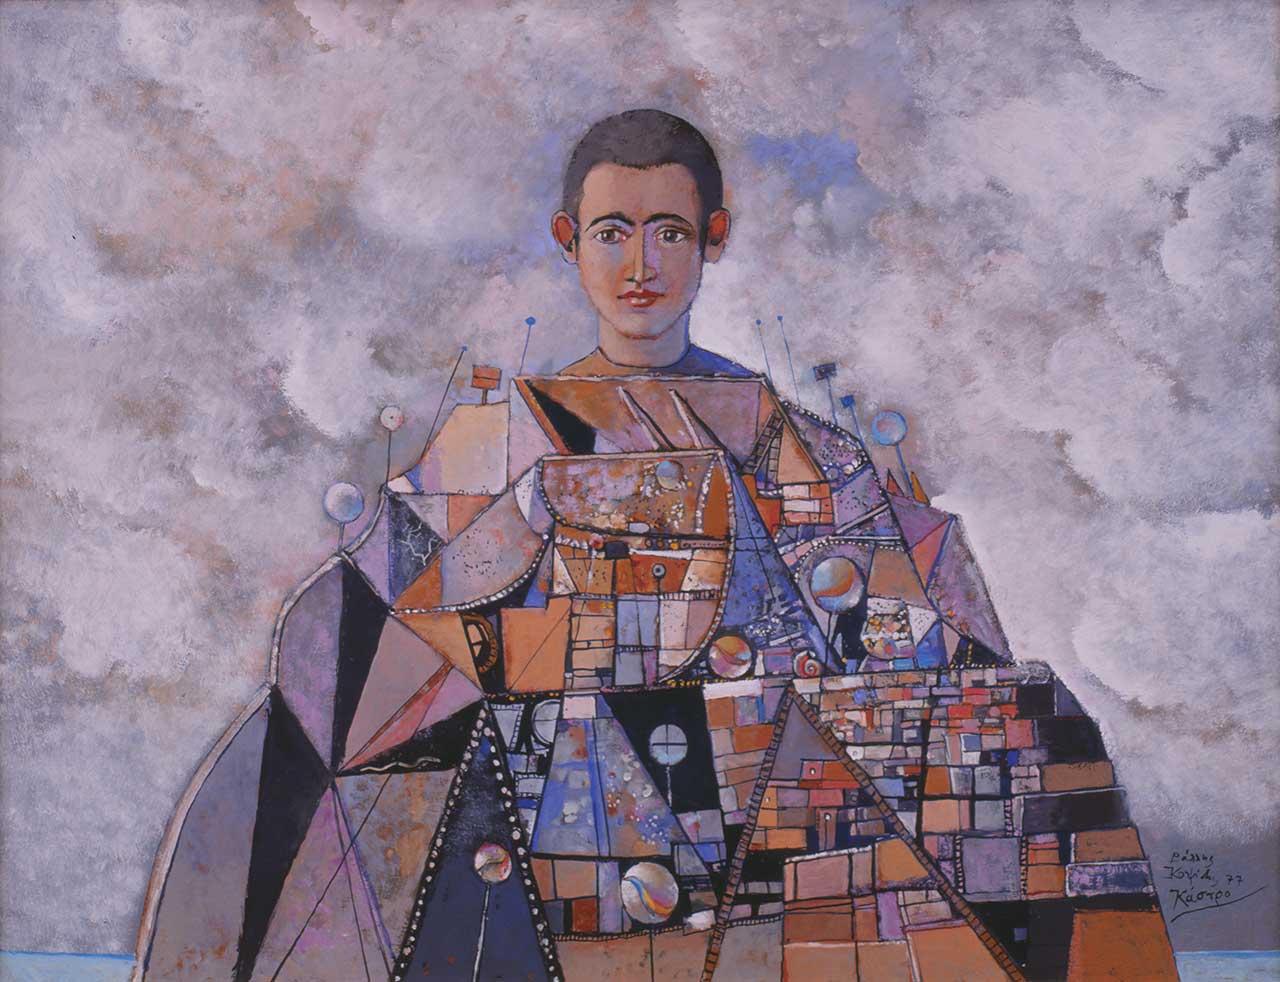 Κάστρο, 1977 (επιζωγραφισμένο το 1992), λάδι σε ξύλο, 45x61 εκ.